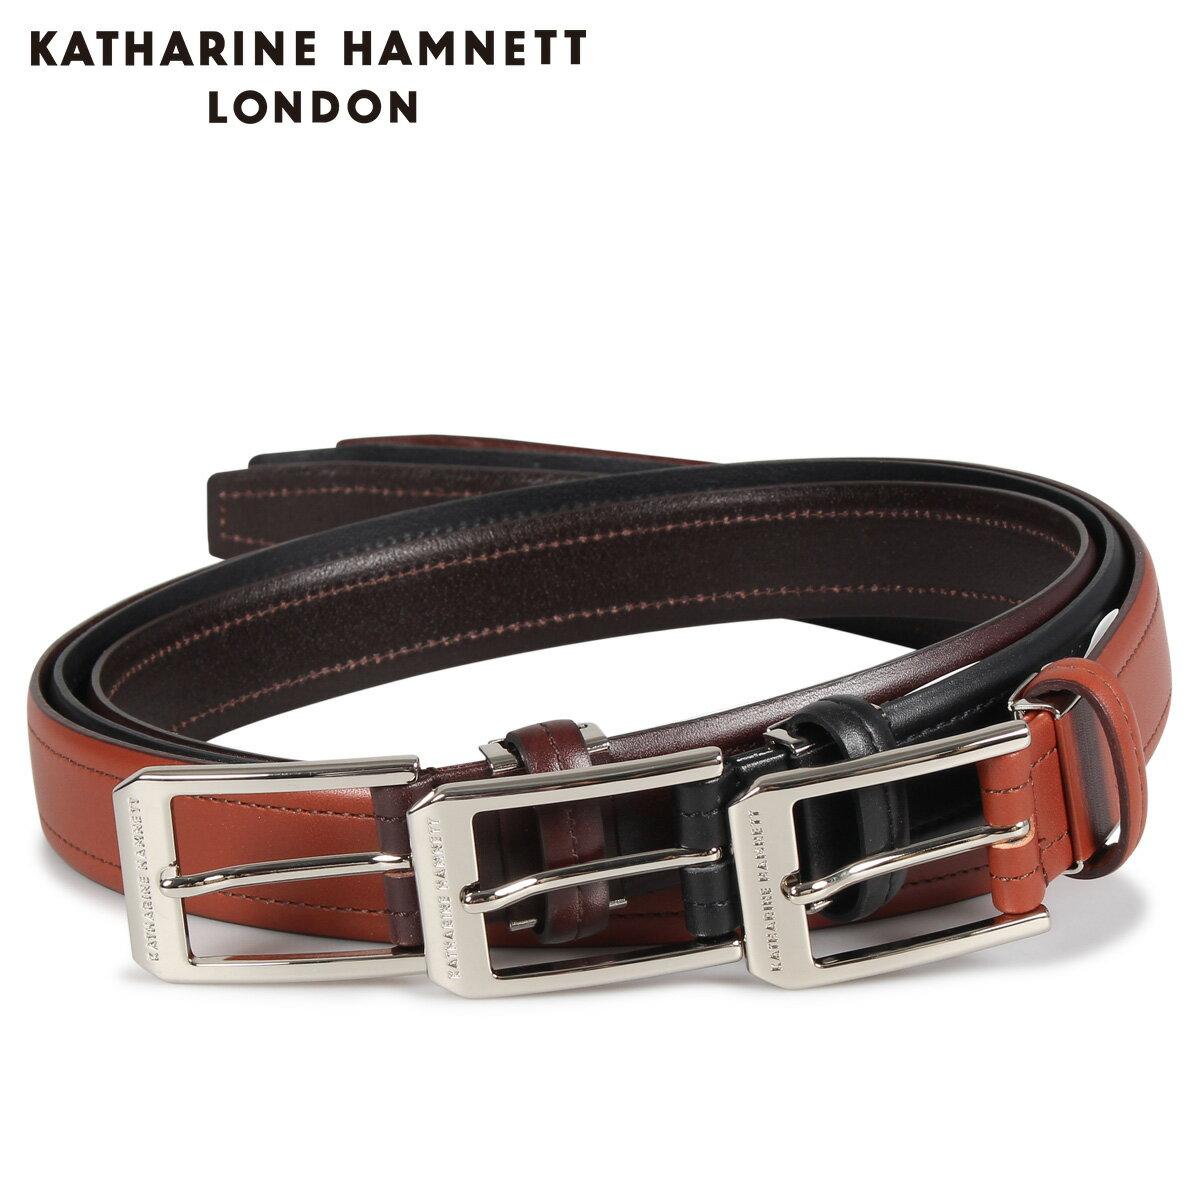 ベルト・サスペンダー, メンズベルト 2000OFF KATHARINE HAMNETT LONDON LEATHER BELT KH505032